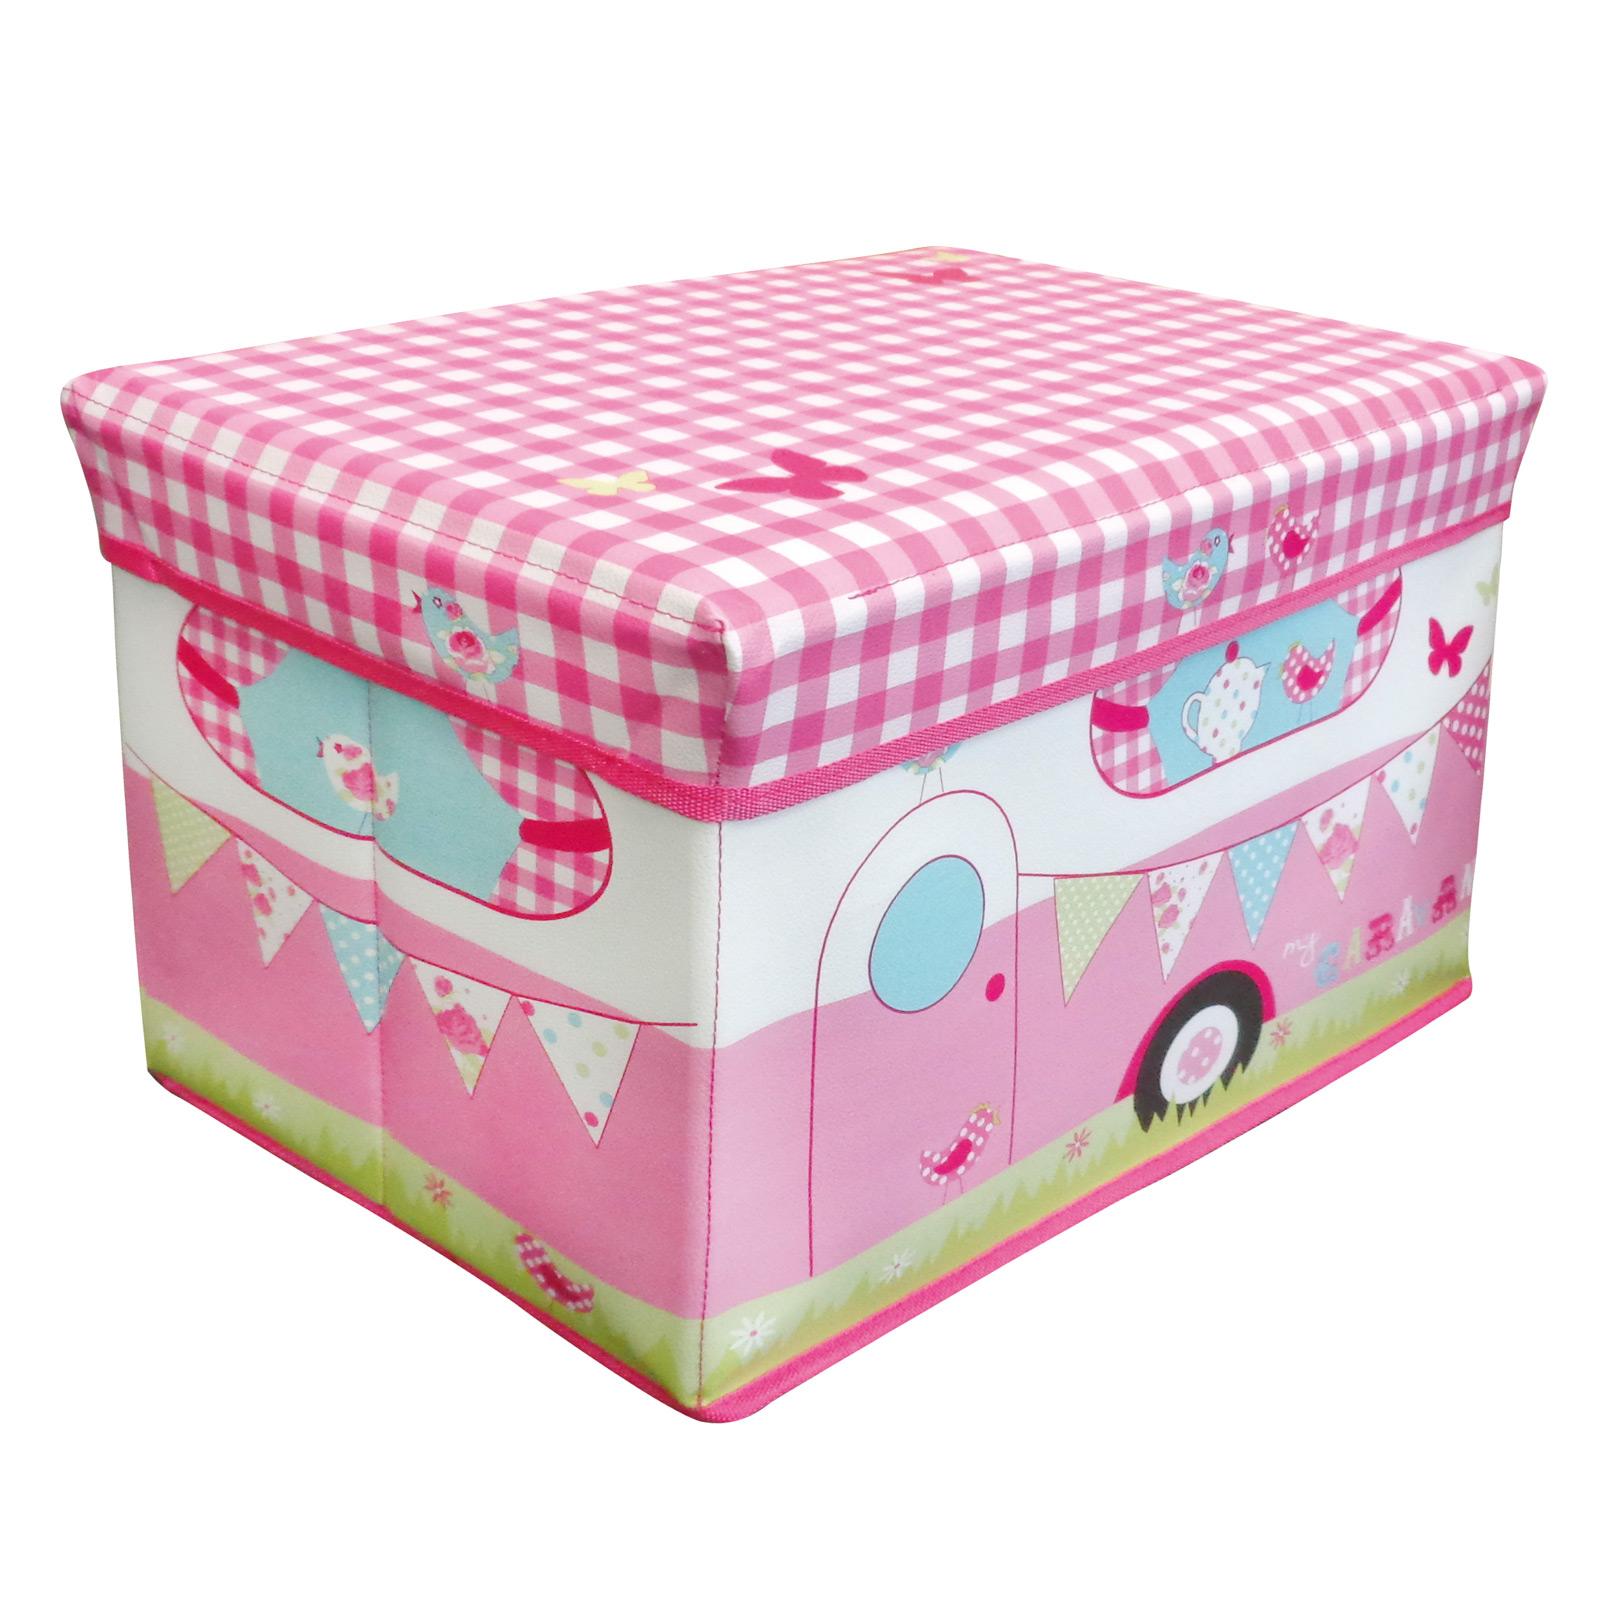 Childrens Retro Design Jumbo Bedroom Room Tidy Toy Storage